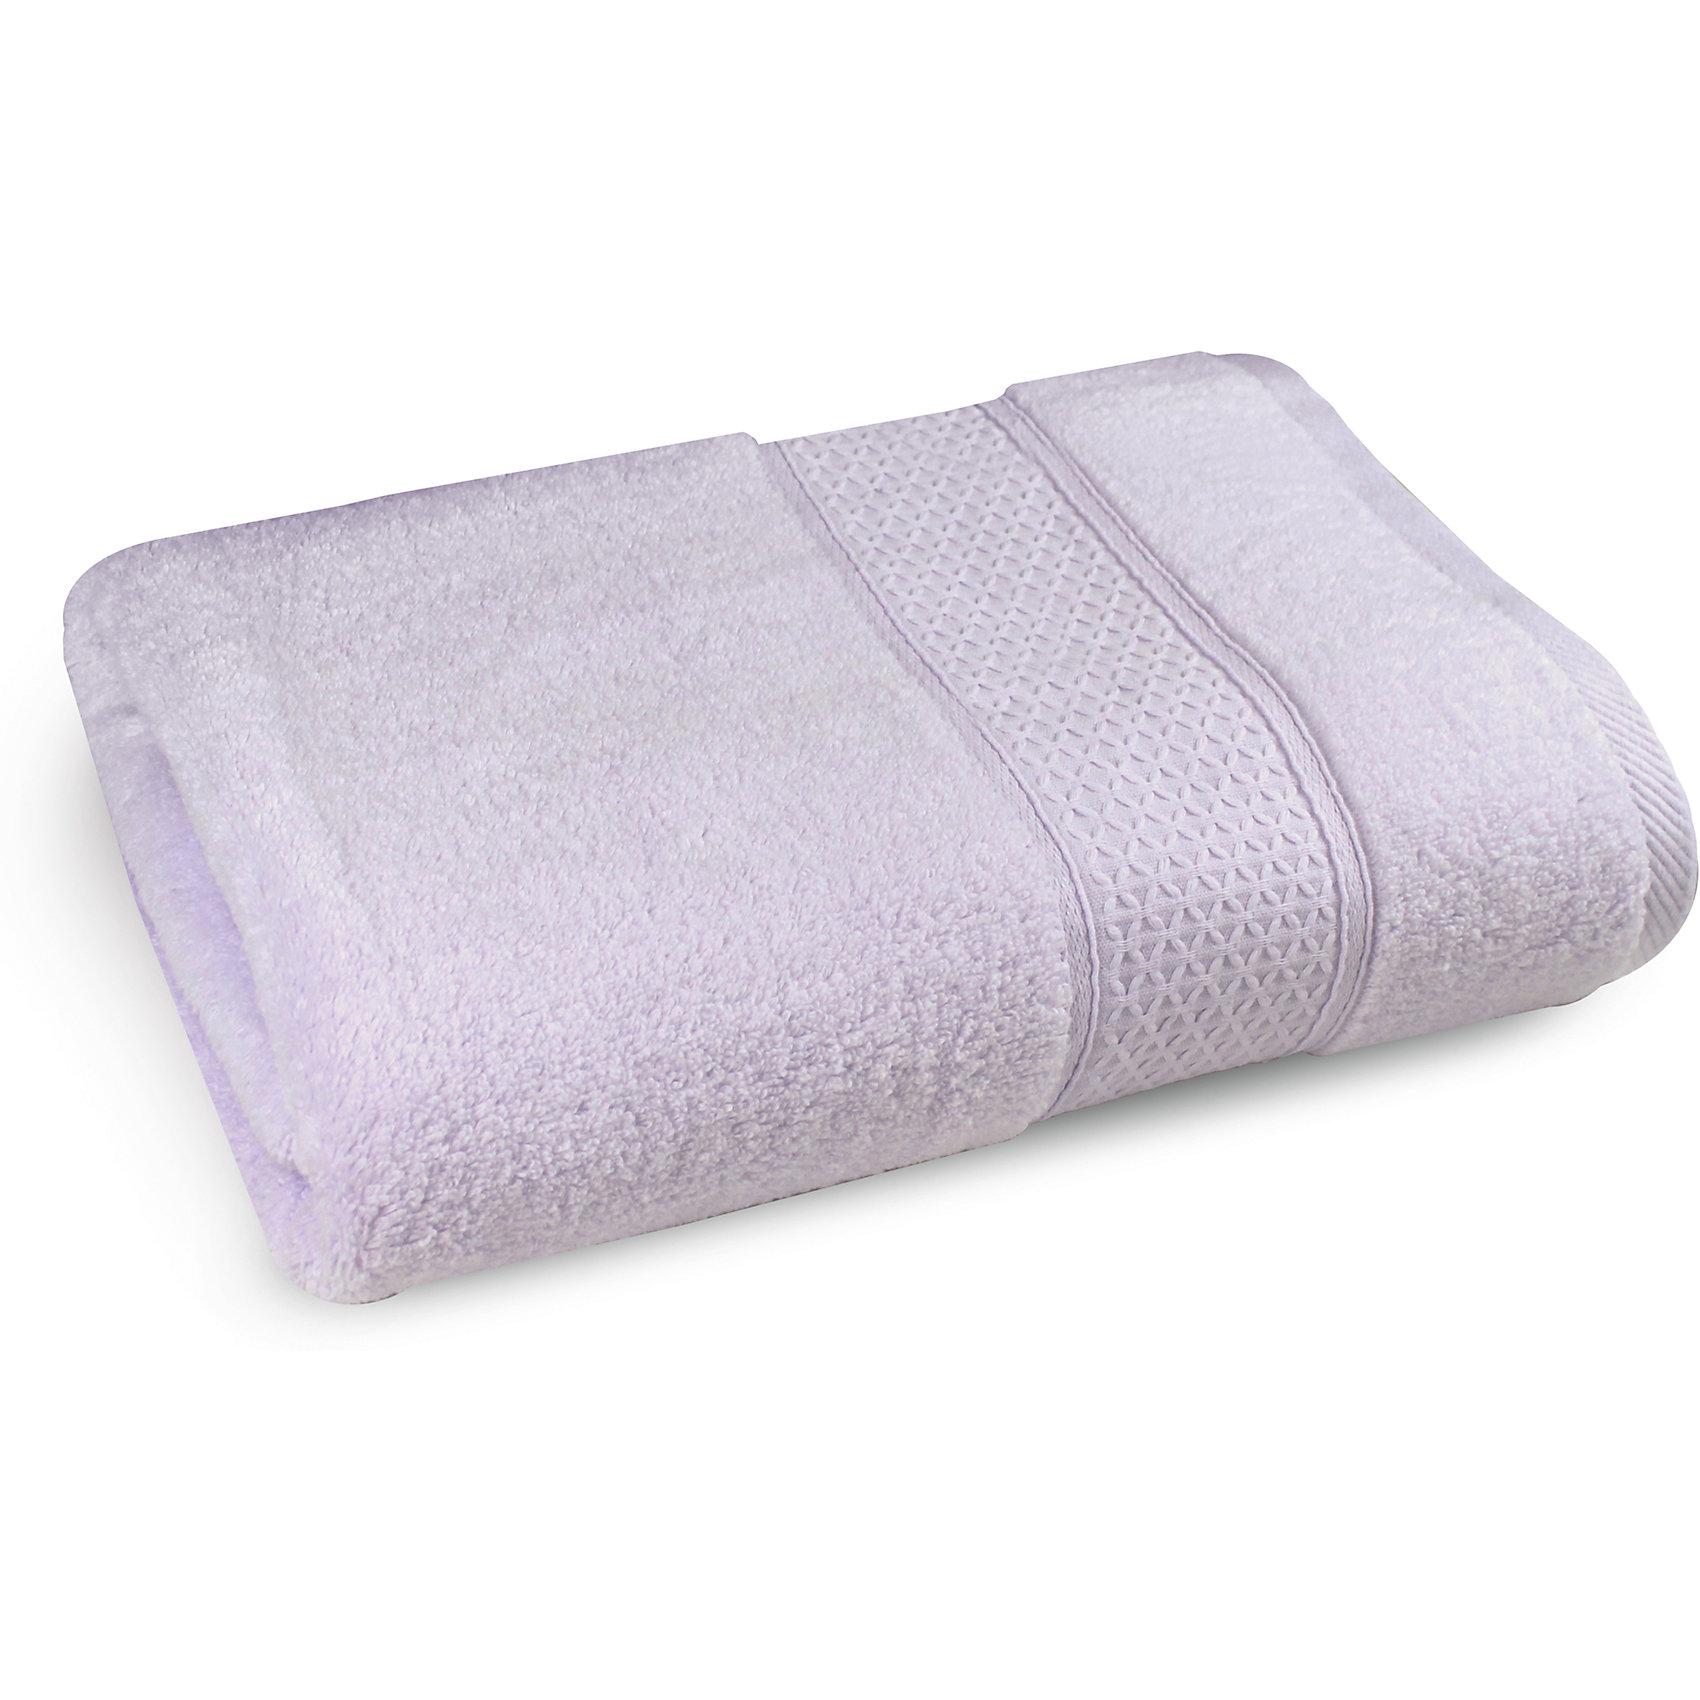 Полотенце махровое 70*140, Cozy Home, фиолетовыйПолотенце махровое 70*140, Cozy Home (Кози Хоум), фиолетовый<br><br>Характеристики:<br><br>• мягкое полотенце, приятное на ощупь<br>• хорошо впитывает влагу<br>• легко стирать<br>• материал: хлопок<br>• размер: 70х140 см<br>• цвет: фиолетовый<br><br>Банное полотенце от Cozy Home - прекрасный выбор для ценителей комфорта и качества. Полотенца выполнено из мягких хлопковых волокон, не вызывающих раздражения на коже. Полотенце отлично подойдет как детям, так и взрослым. После длительного использования полотенце не поменяет свой размер и цвет. Главное отличие полотенец из хлопка - хорошая гигроскопичность. Изделие быстро впитает влагу, даря мягкость и уют. Край полотенца декорирован приятной вышивкой в тон основному цвету.<br><br>Полотенце махровое 70*140, Cozy Home (Кози Хоум), фиолетовый можно купить в нашем интернет-магазине.<br><br>Ширина мм: 150<br>Глубина мм: 350<br>Высота мм: 150<br>Вес г: 350<br>Возраст от месяцев: 0<br>Возраст до месяцев: 216<br>Пол: Женский<br>Возраст: Детский<br>SKU: 5355319